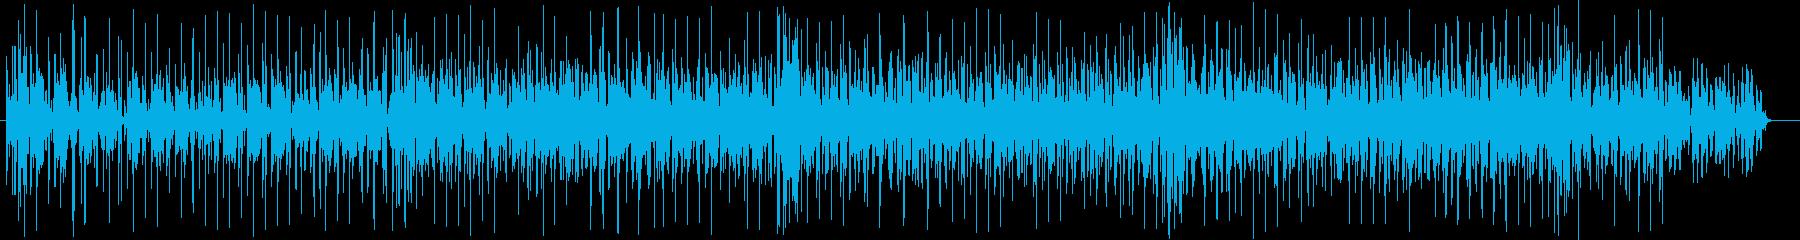 マイナーで幻想的なテクノポップの再生済みの波形